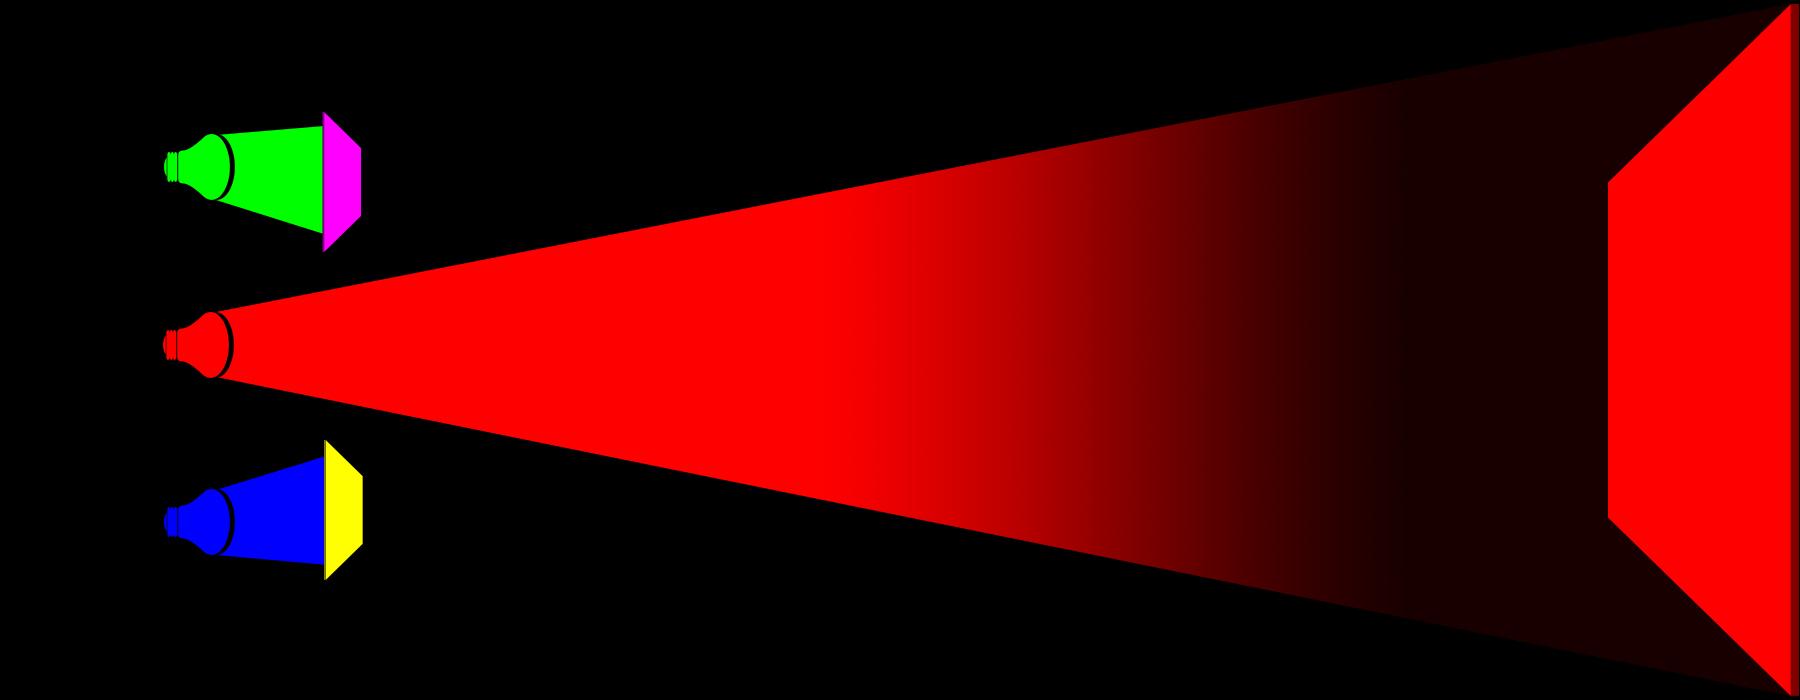 10_Proiezione_RGB_CMY_